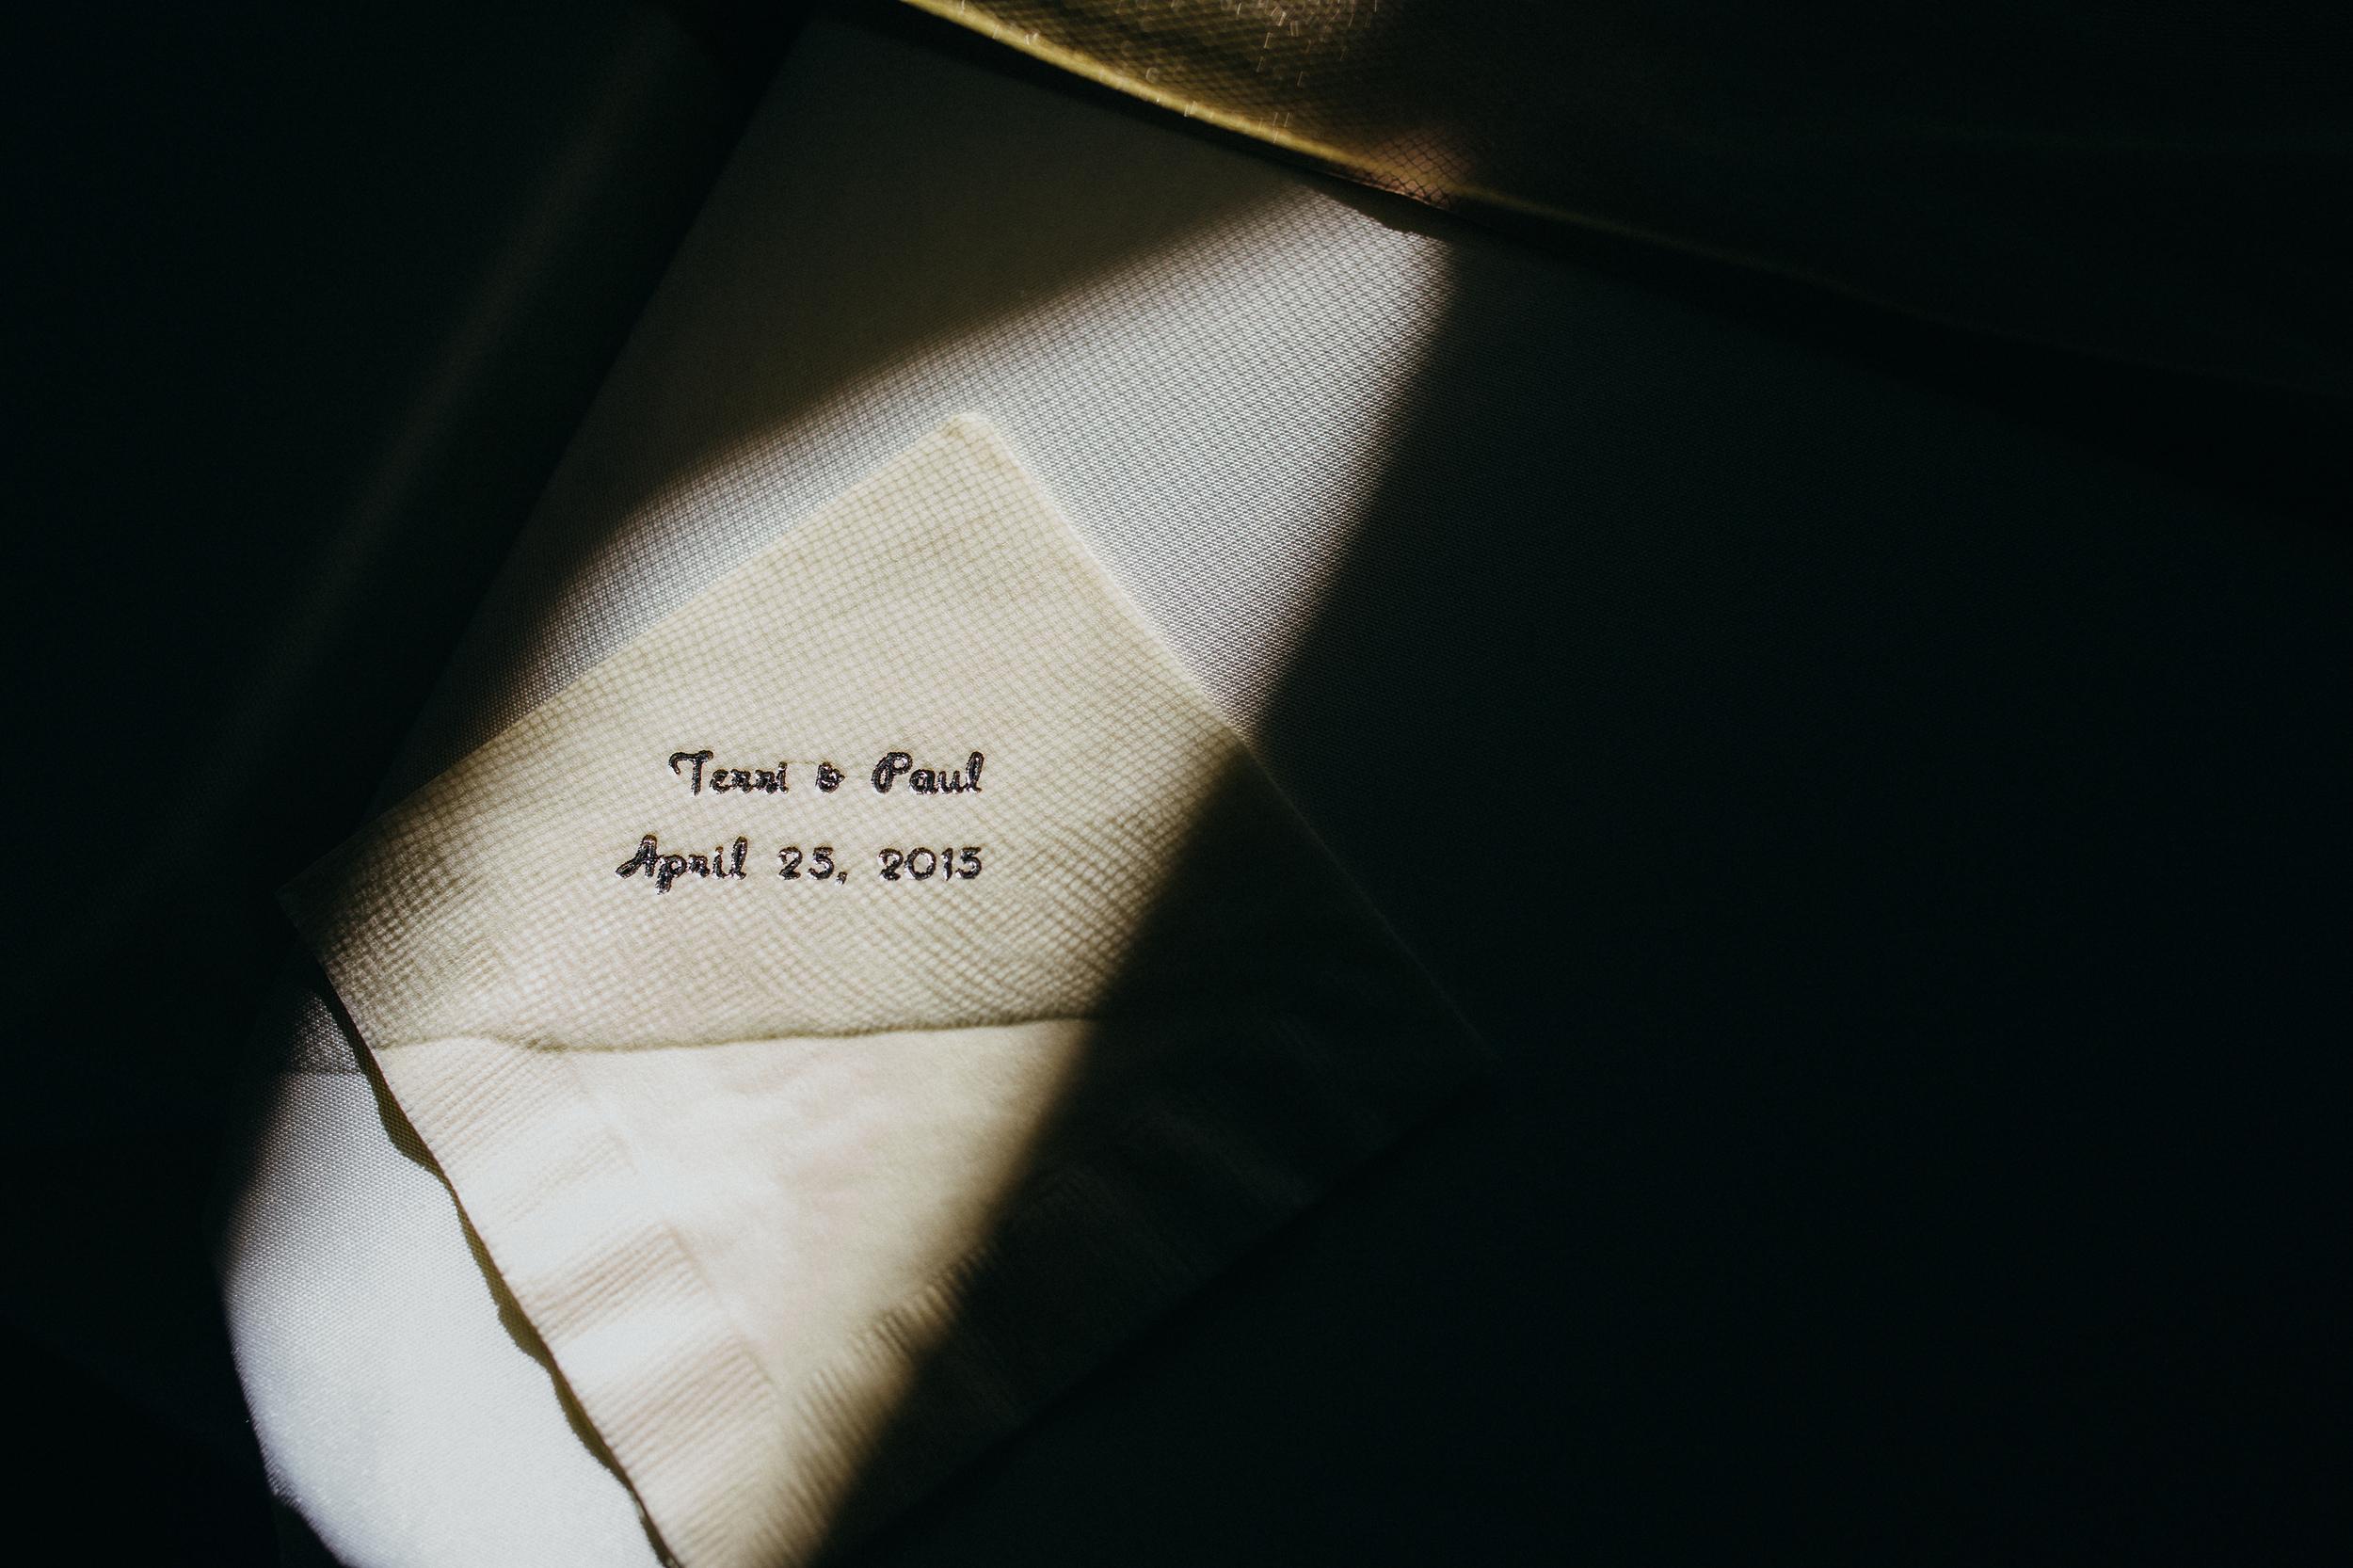 0452-PaulTerriWeddingApril25.jpg